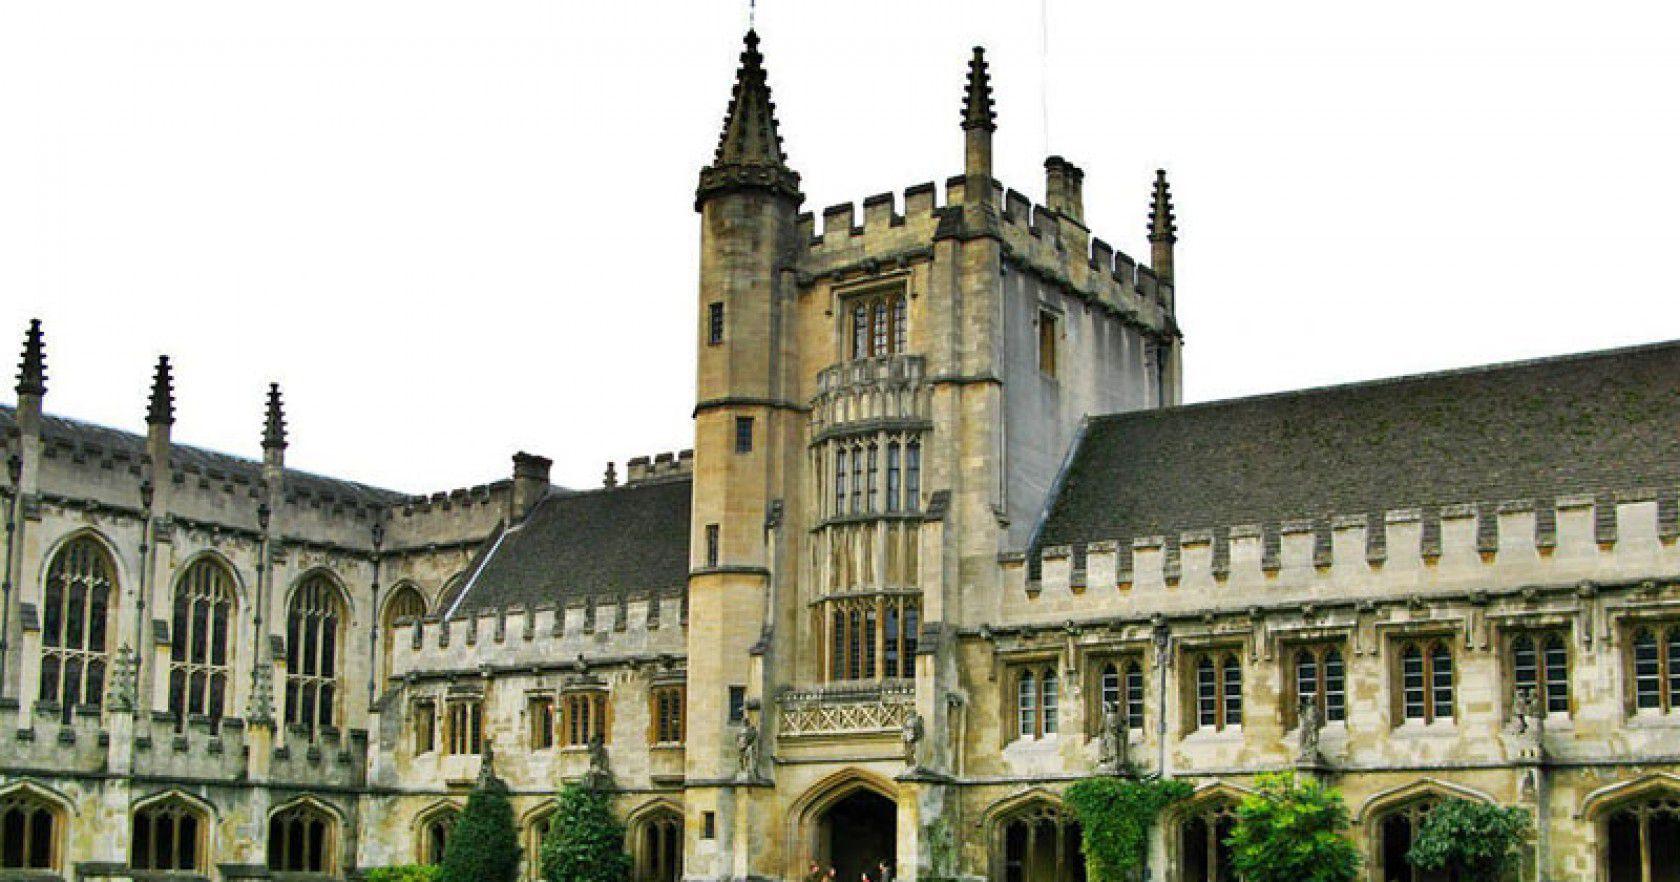 İngiltere'de Özel Okul ve Eğitim Olanakları Hakkında Merak Edilen Her Şey